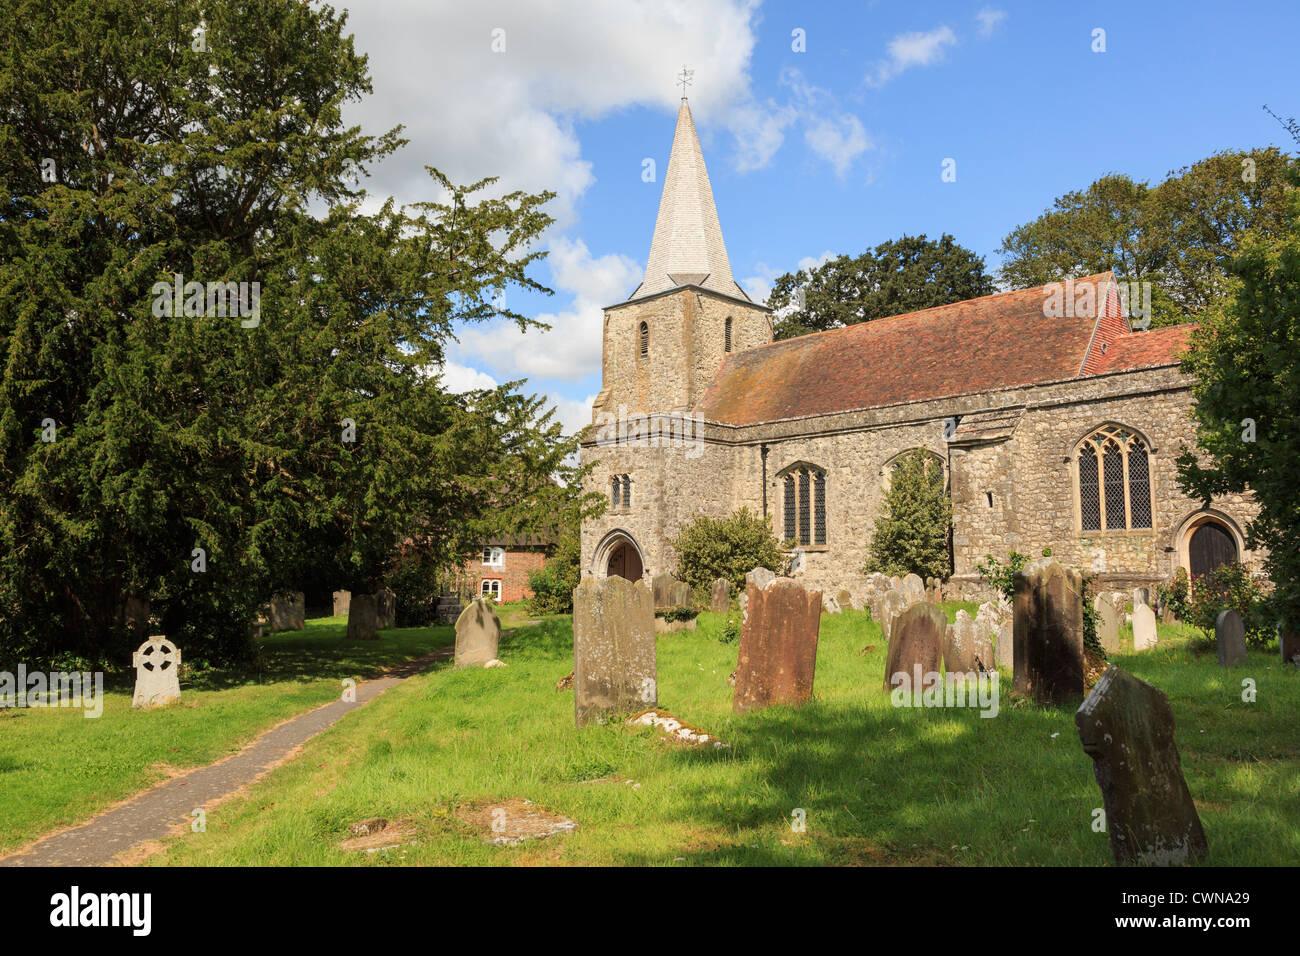 B-5542 église paroissiale de Saint Nicolas et un cimetière réputé pour être hanté Photo Stock